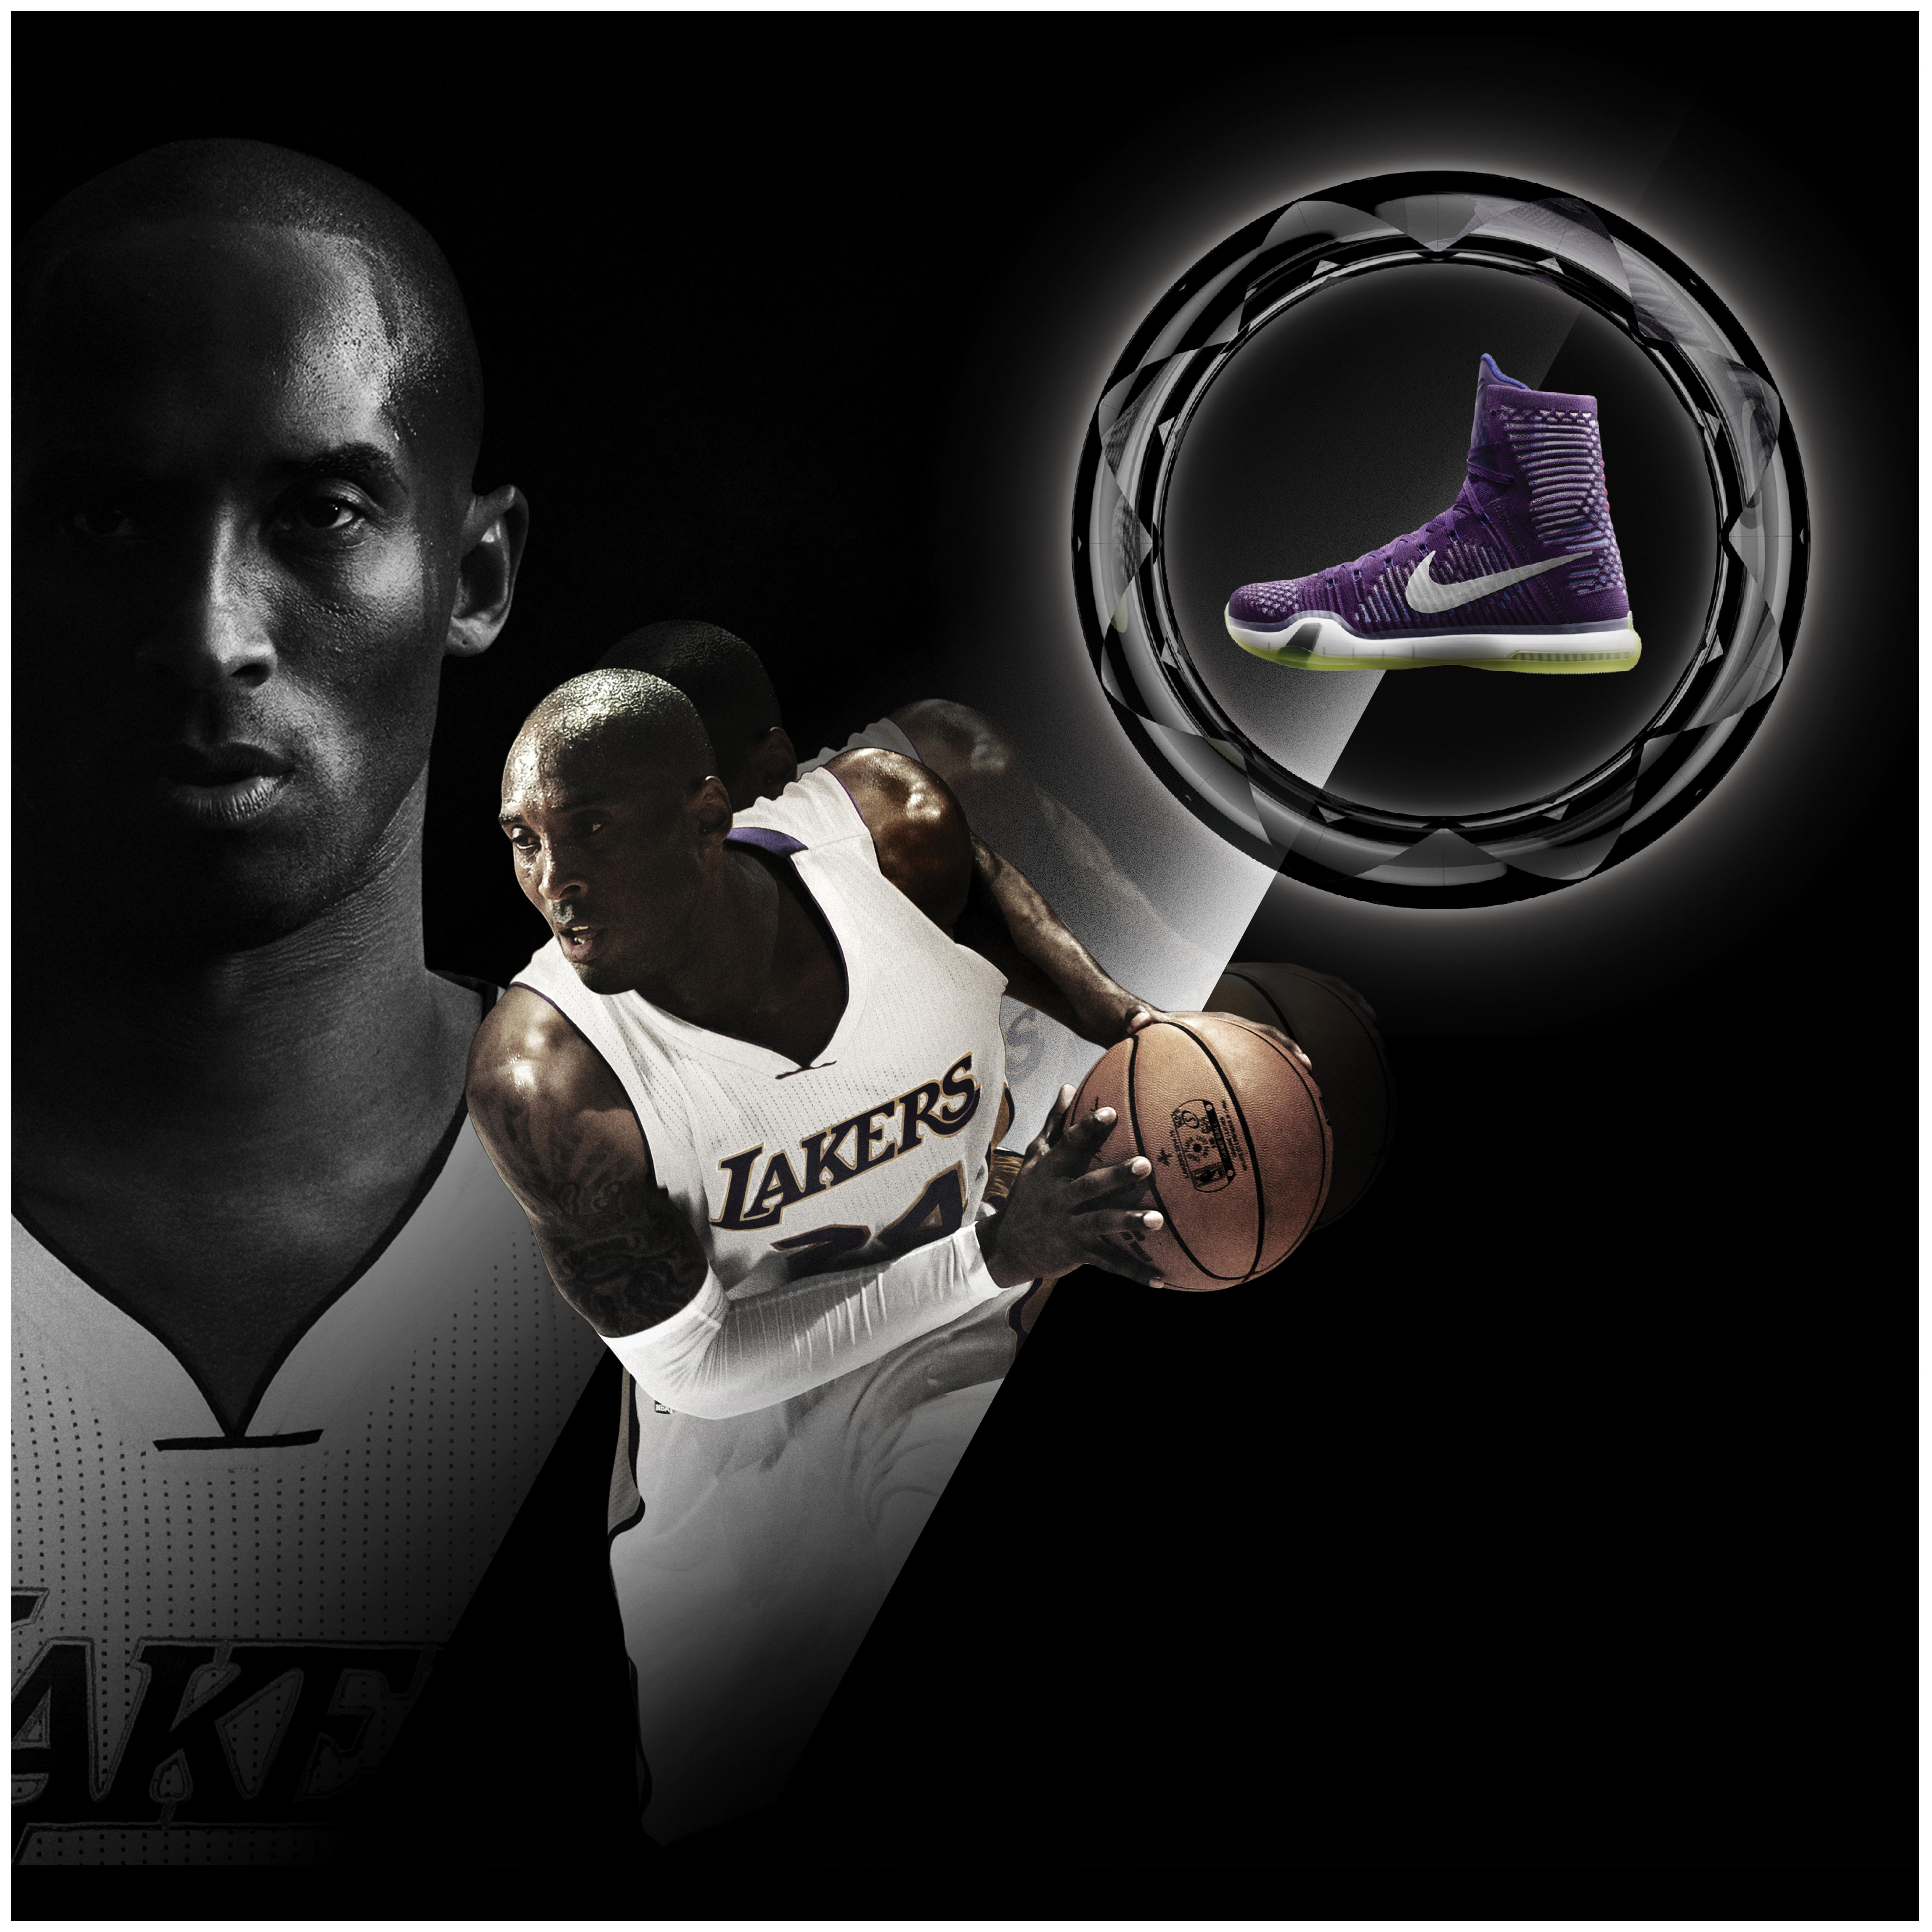 Kobe Bryant's Nike Partnership Has Expired, Vanessa Bryant Didn't Renew Contract